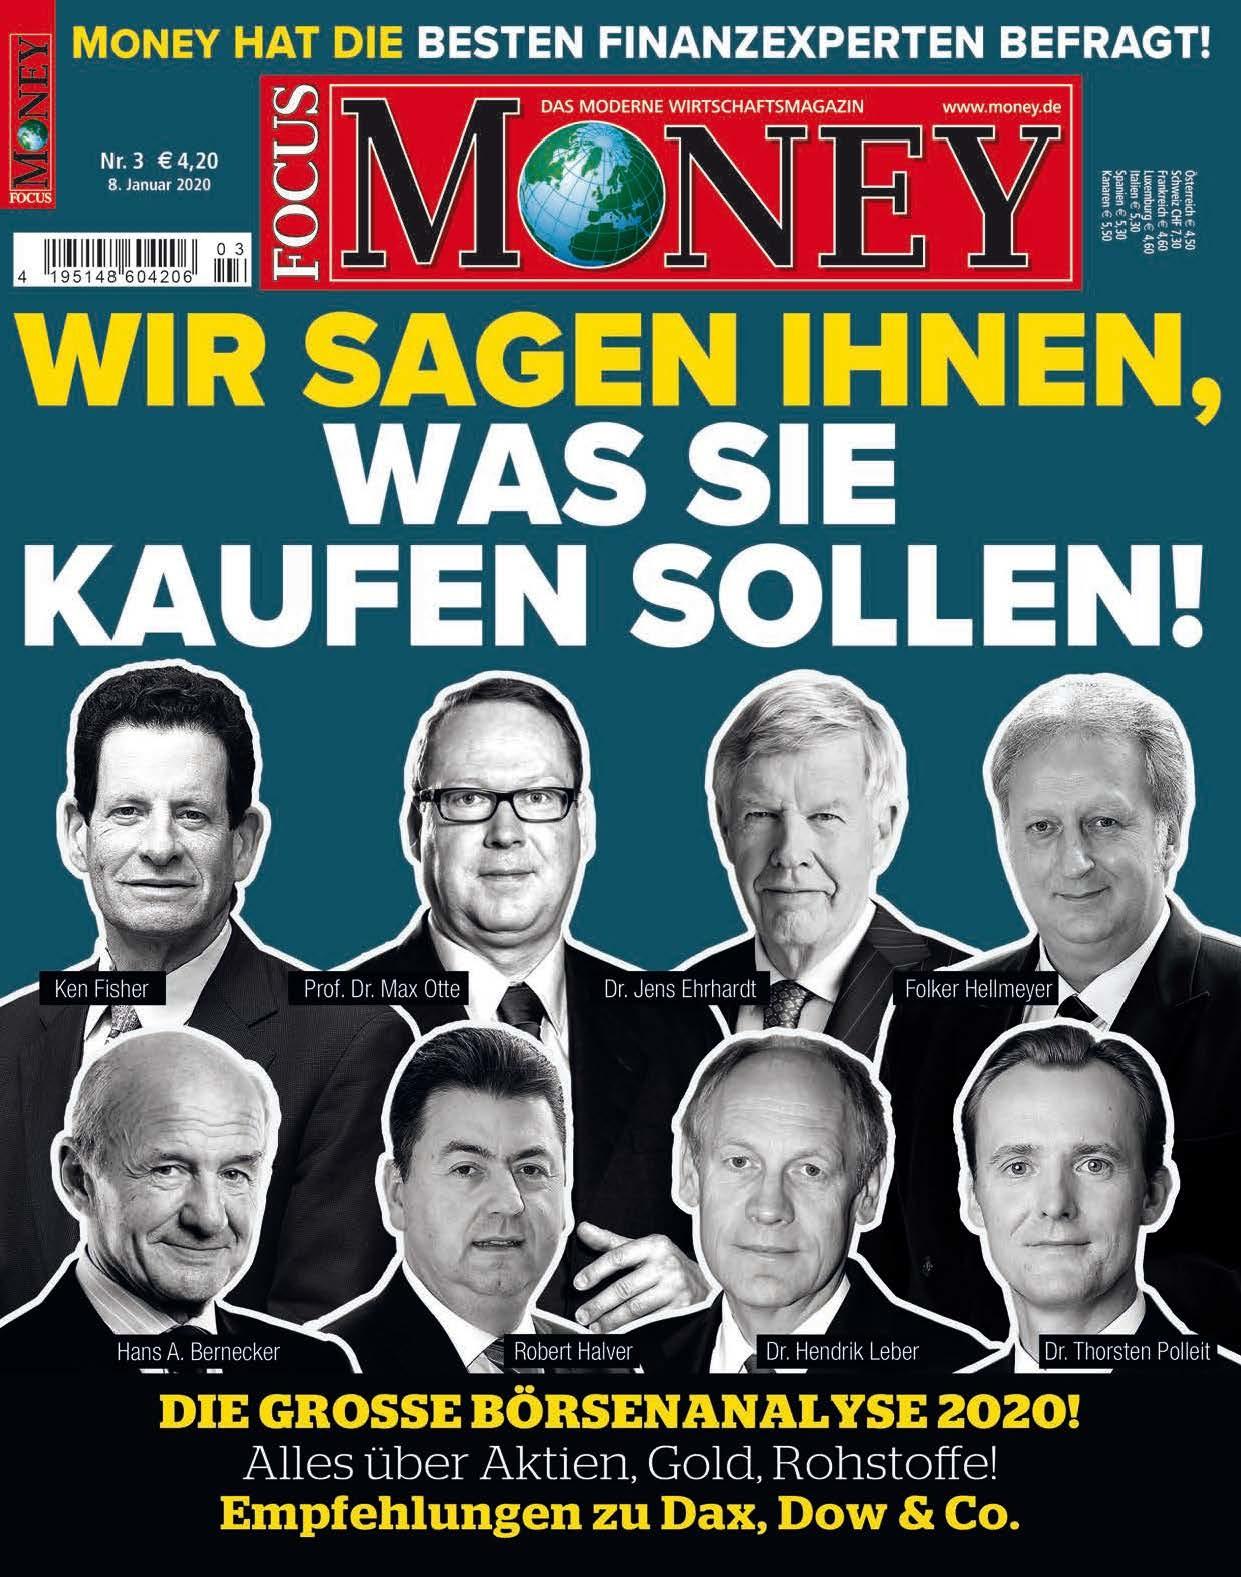 FOCUS-MONEY FOCUS MONEY – Die große Börsenanalyse 2020. Alles über Aktien, Gold, Rohstoffe